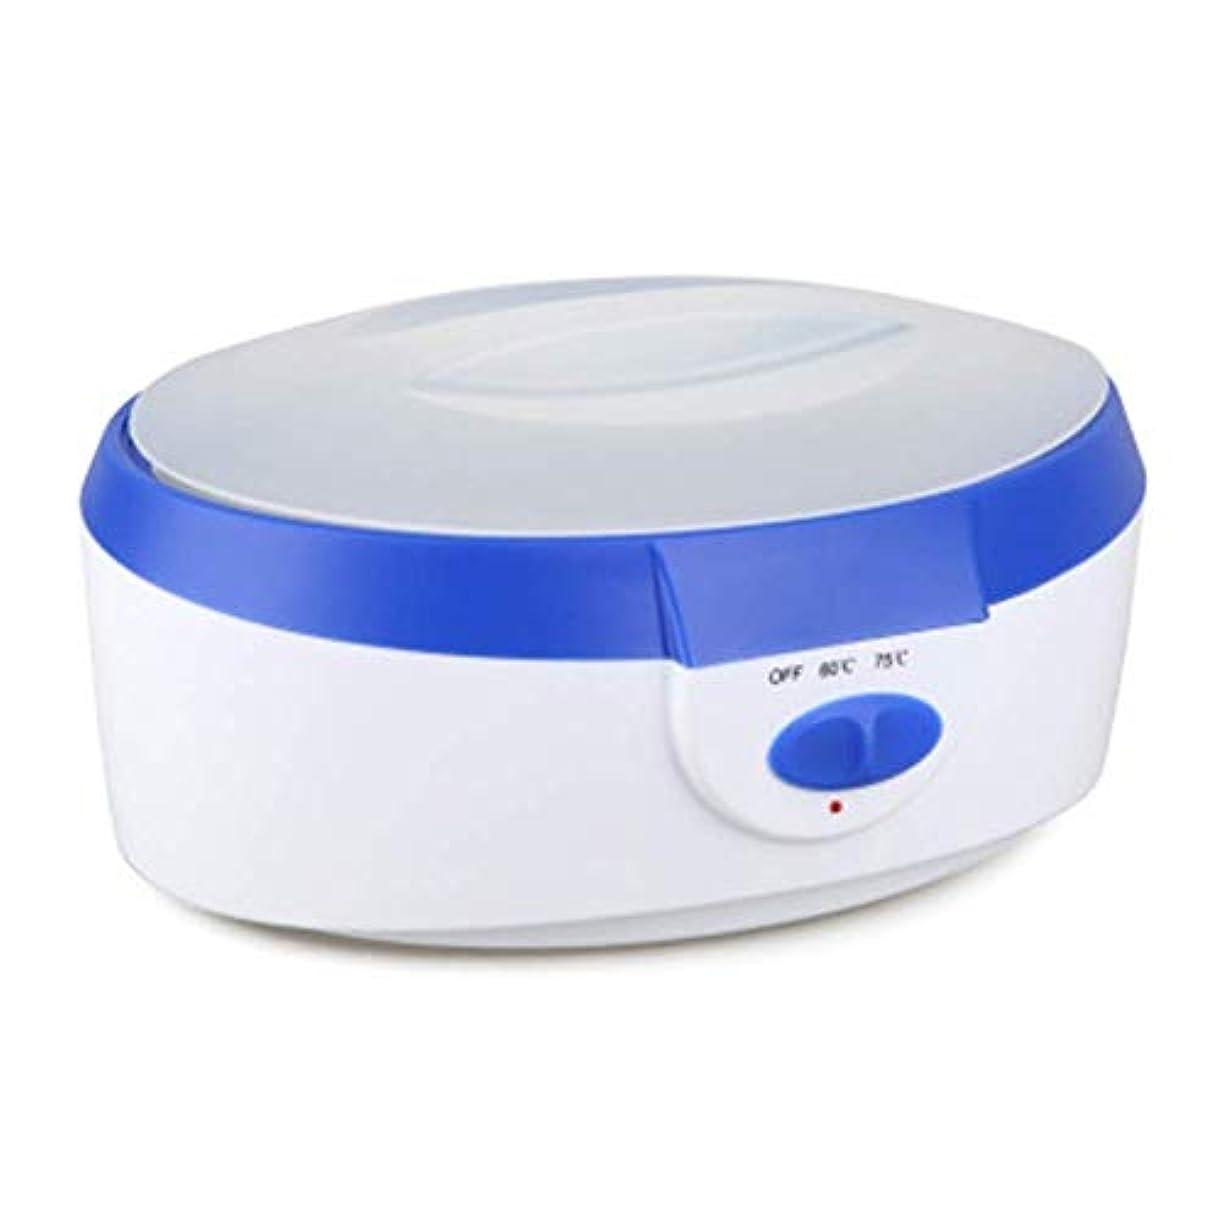 給料助けて細菌可変温度とウォーマーと内蔵サーモ安全制御脱毛脱毛のためのすべてのワックスタイプのコンテナのワックスウォーマー、プロフェッショナル電気ワックスヒーター (Color : Blue)